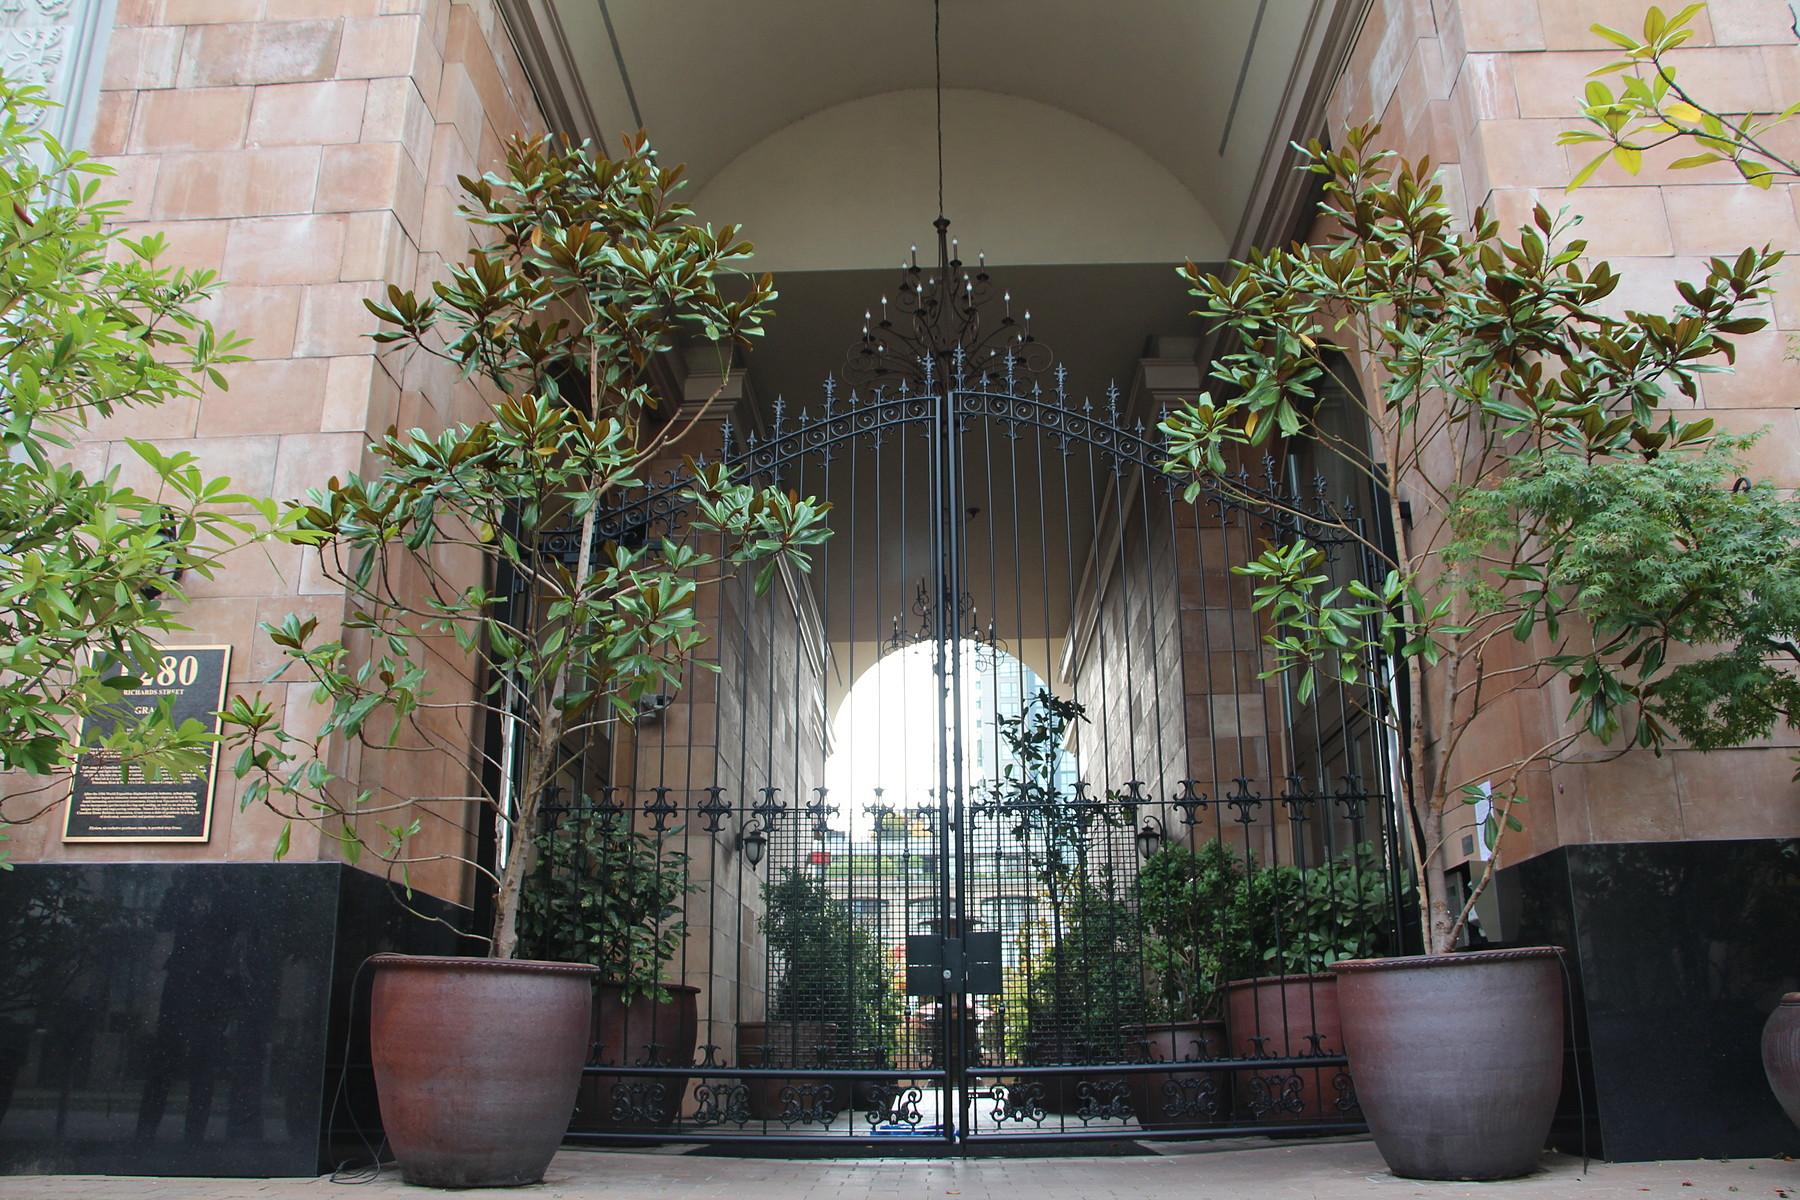 Condominium for Rent at Botique 2br Suite w Patio Vancouver, British Columbia V6B 1S2 Canada